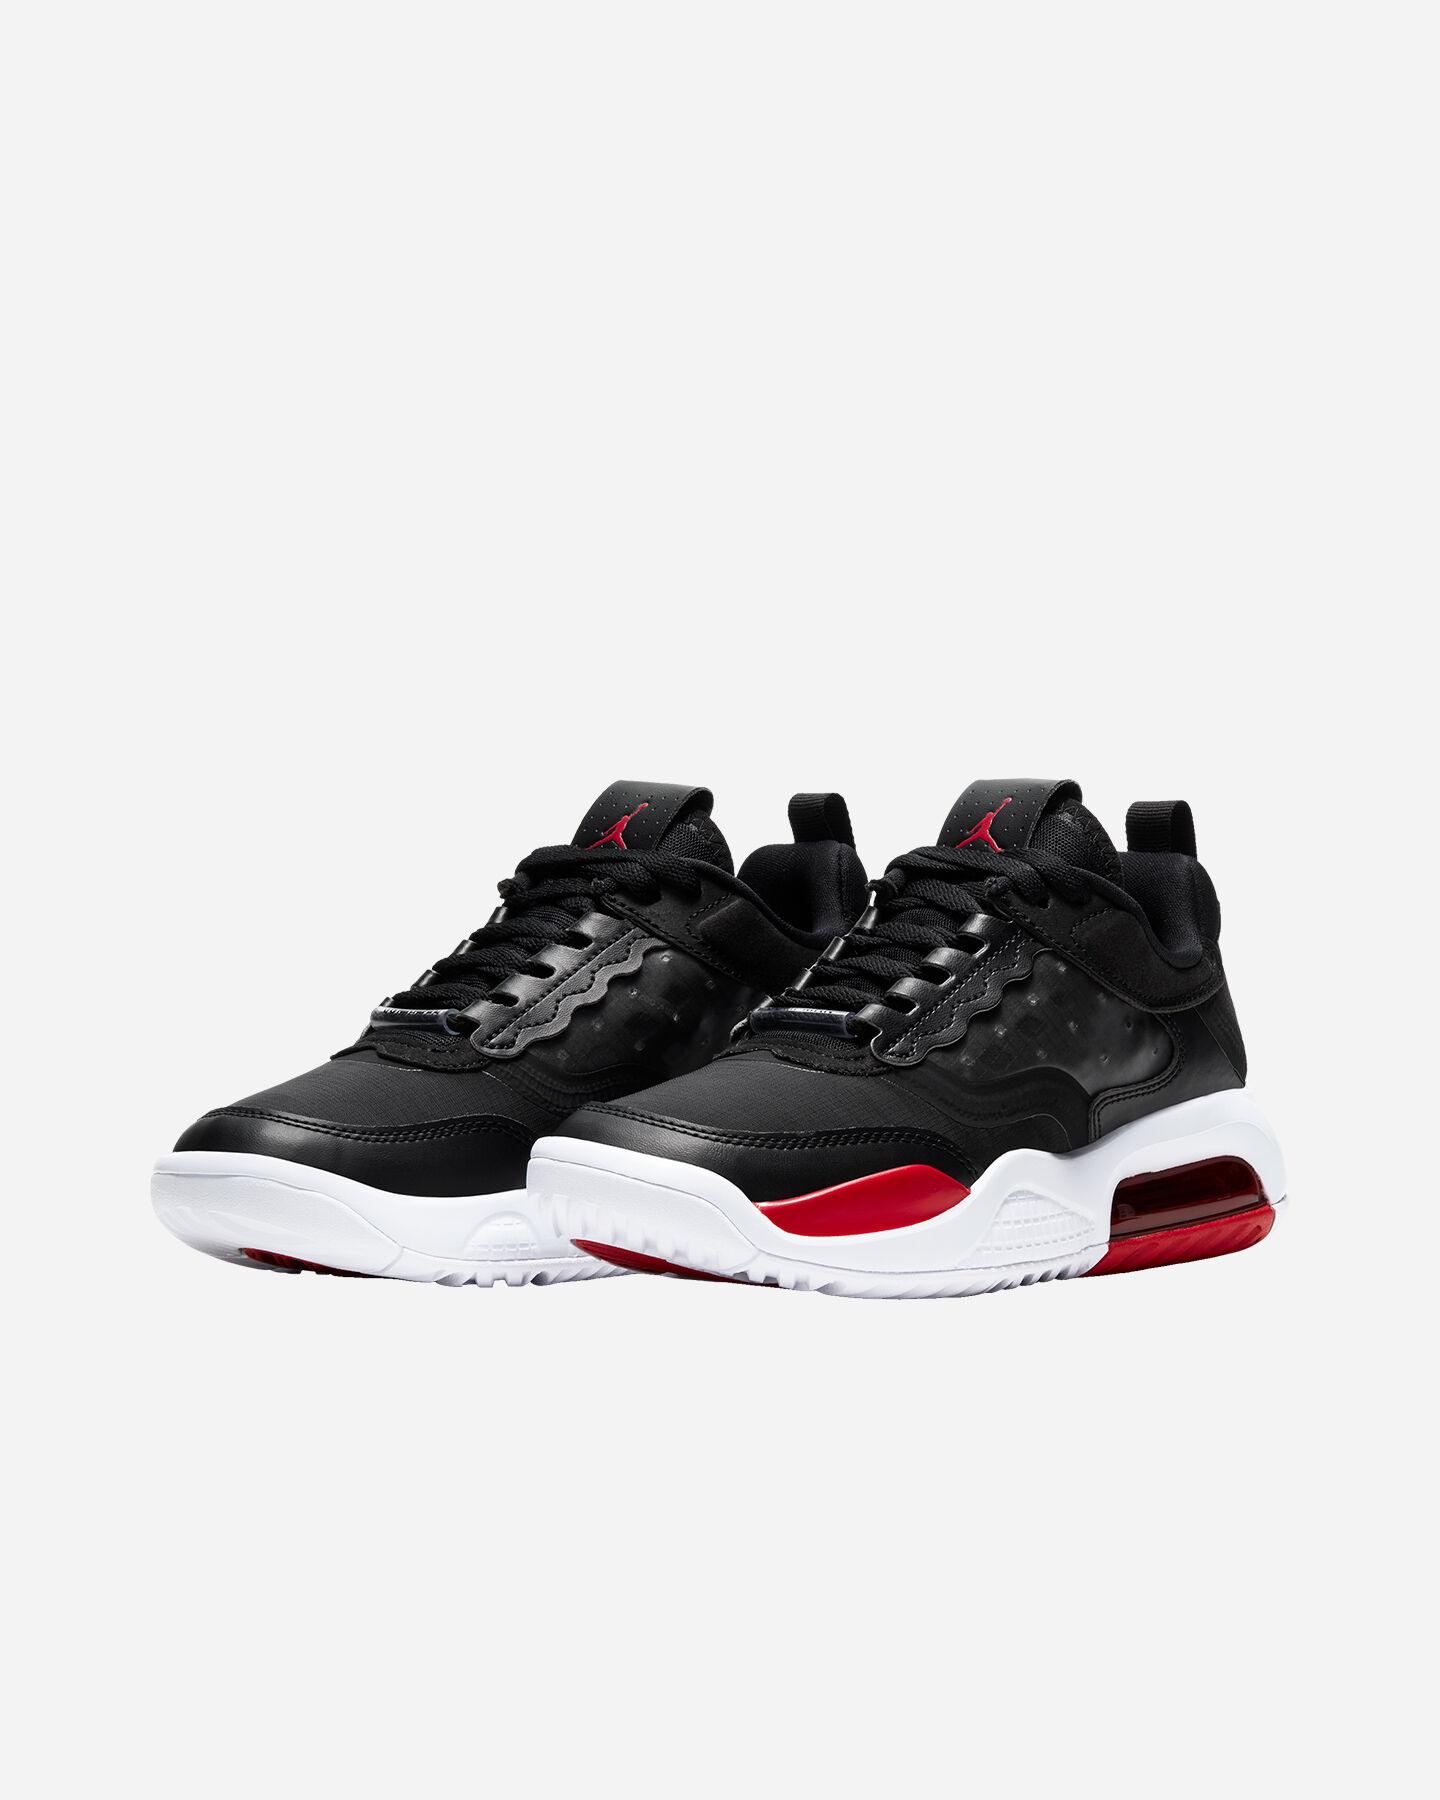 Scarpe sneakers NIKE JORDAN MAX 200 GS JR S5197513 scatto 1